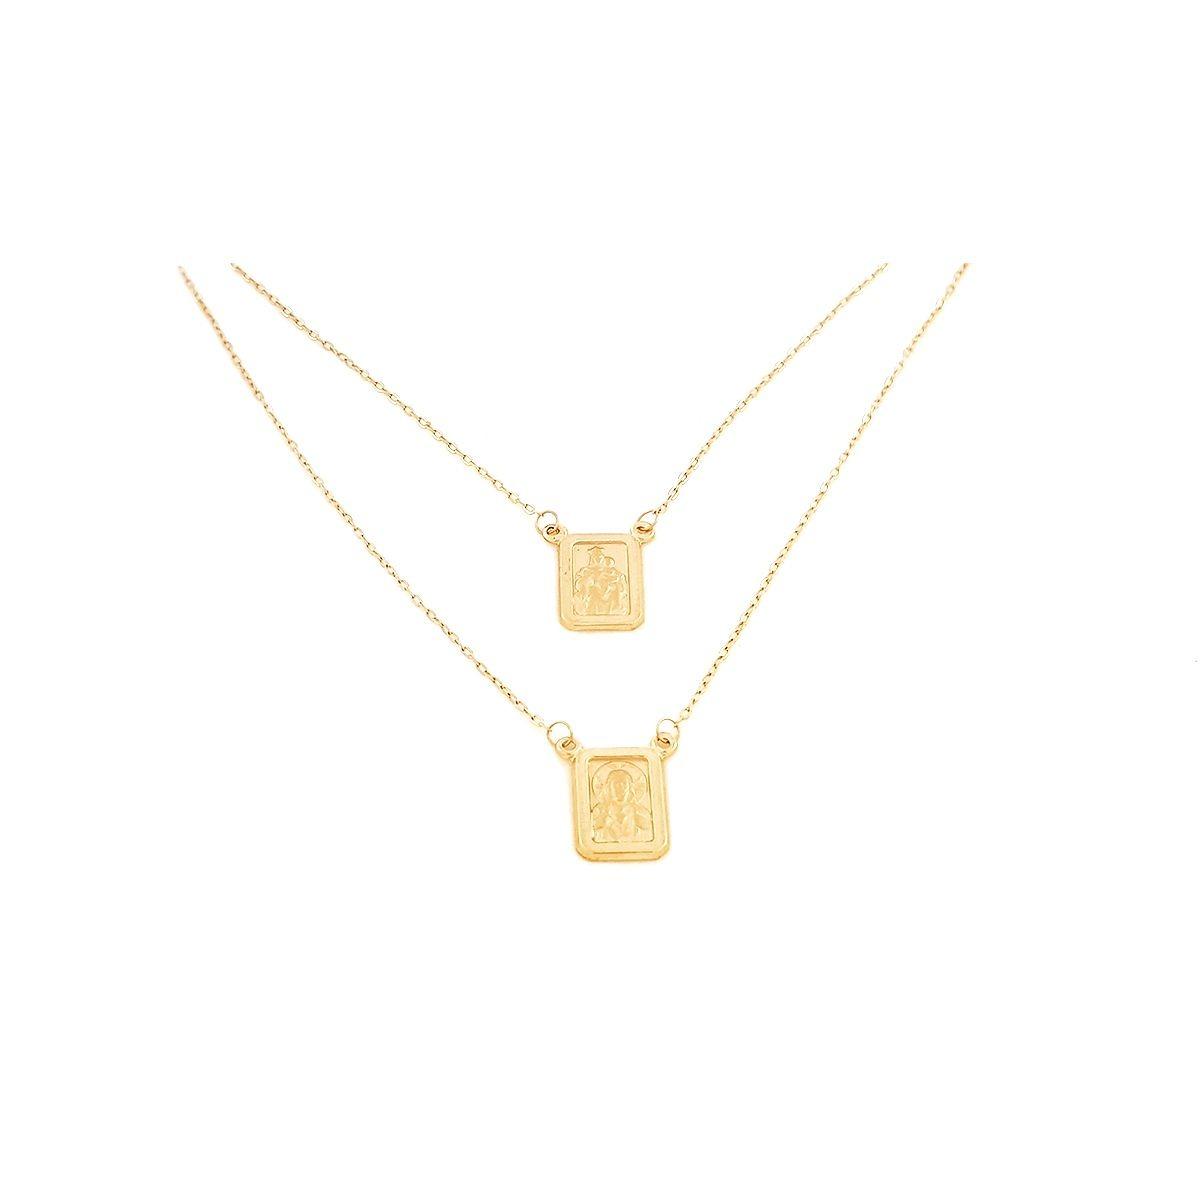 8cf67c990337e Escapulário Em Ouro 18k Mini-cadeado Dupla-face 60 Cm - R  813,56 em ...